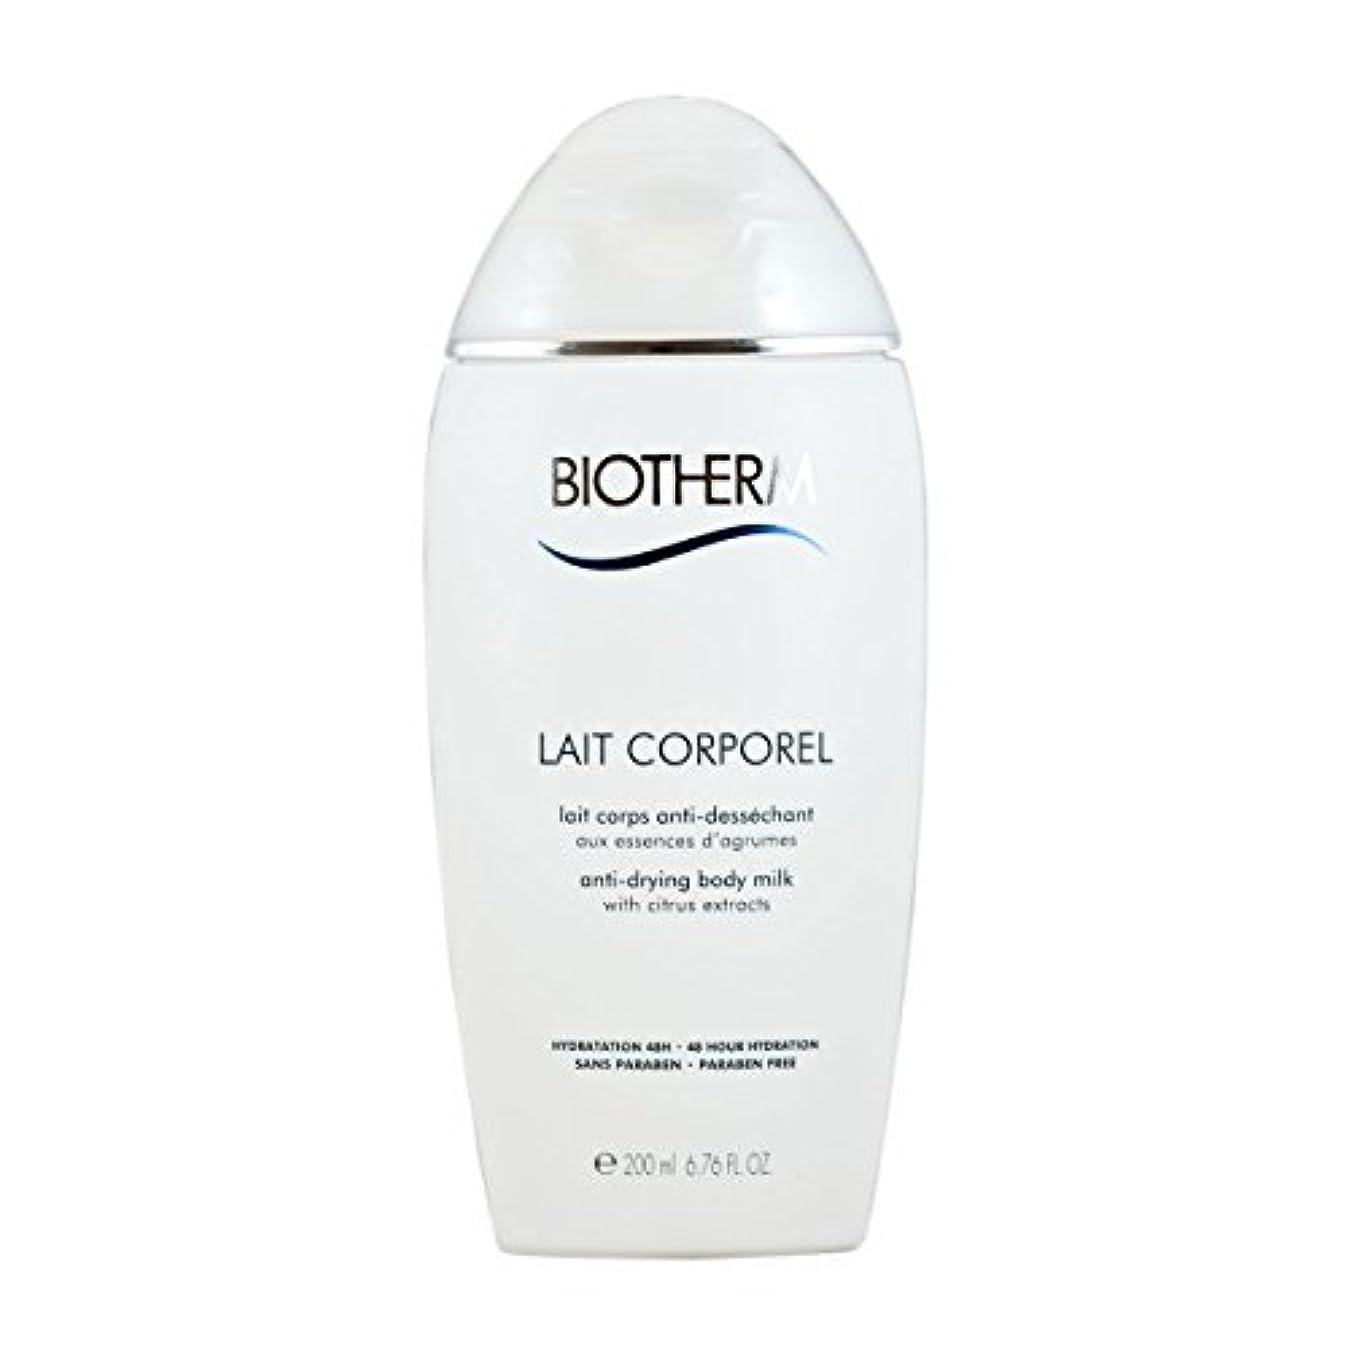 アトム責める囲まれたBiotherm Lait Corporel Anti-Drying Body Milk 6.76 Ounce [並行輸入品]